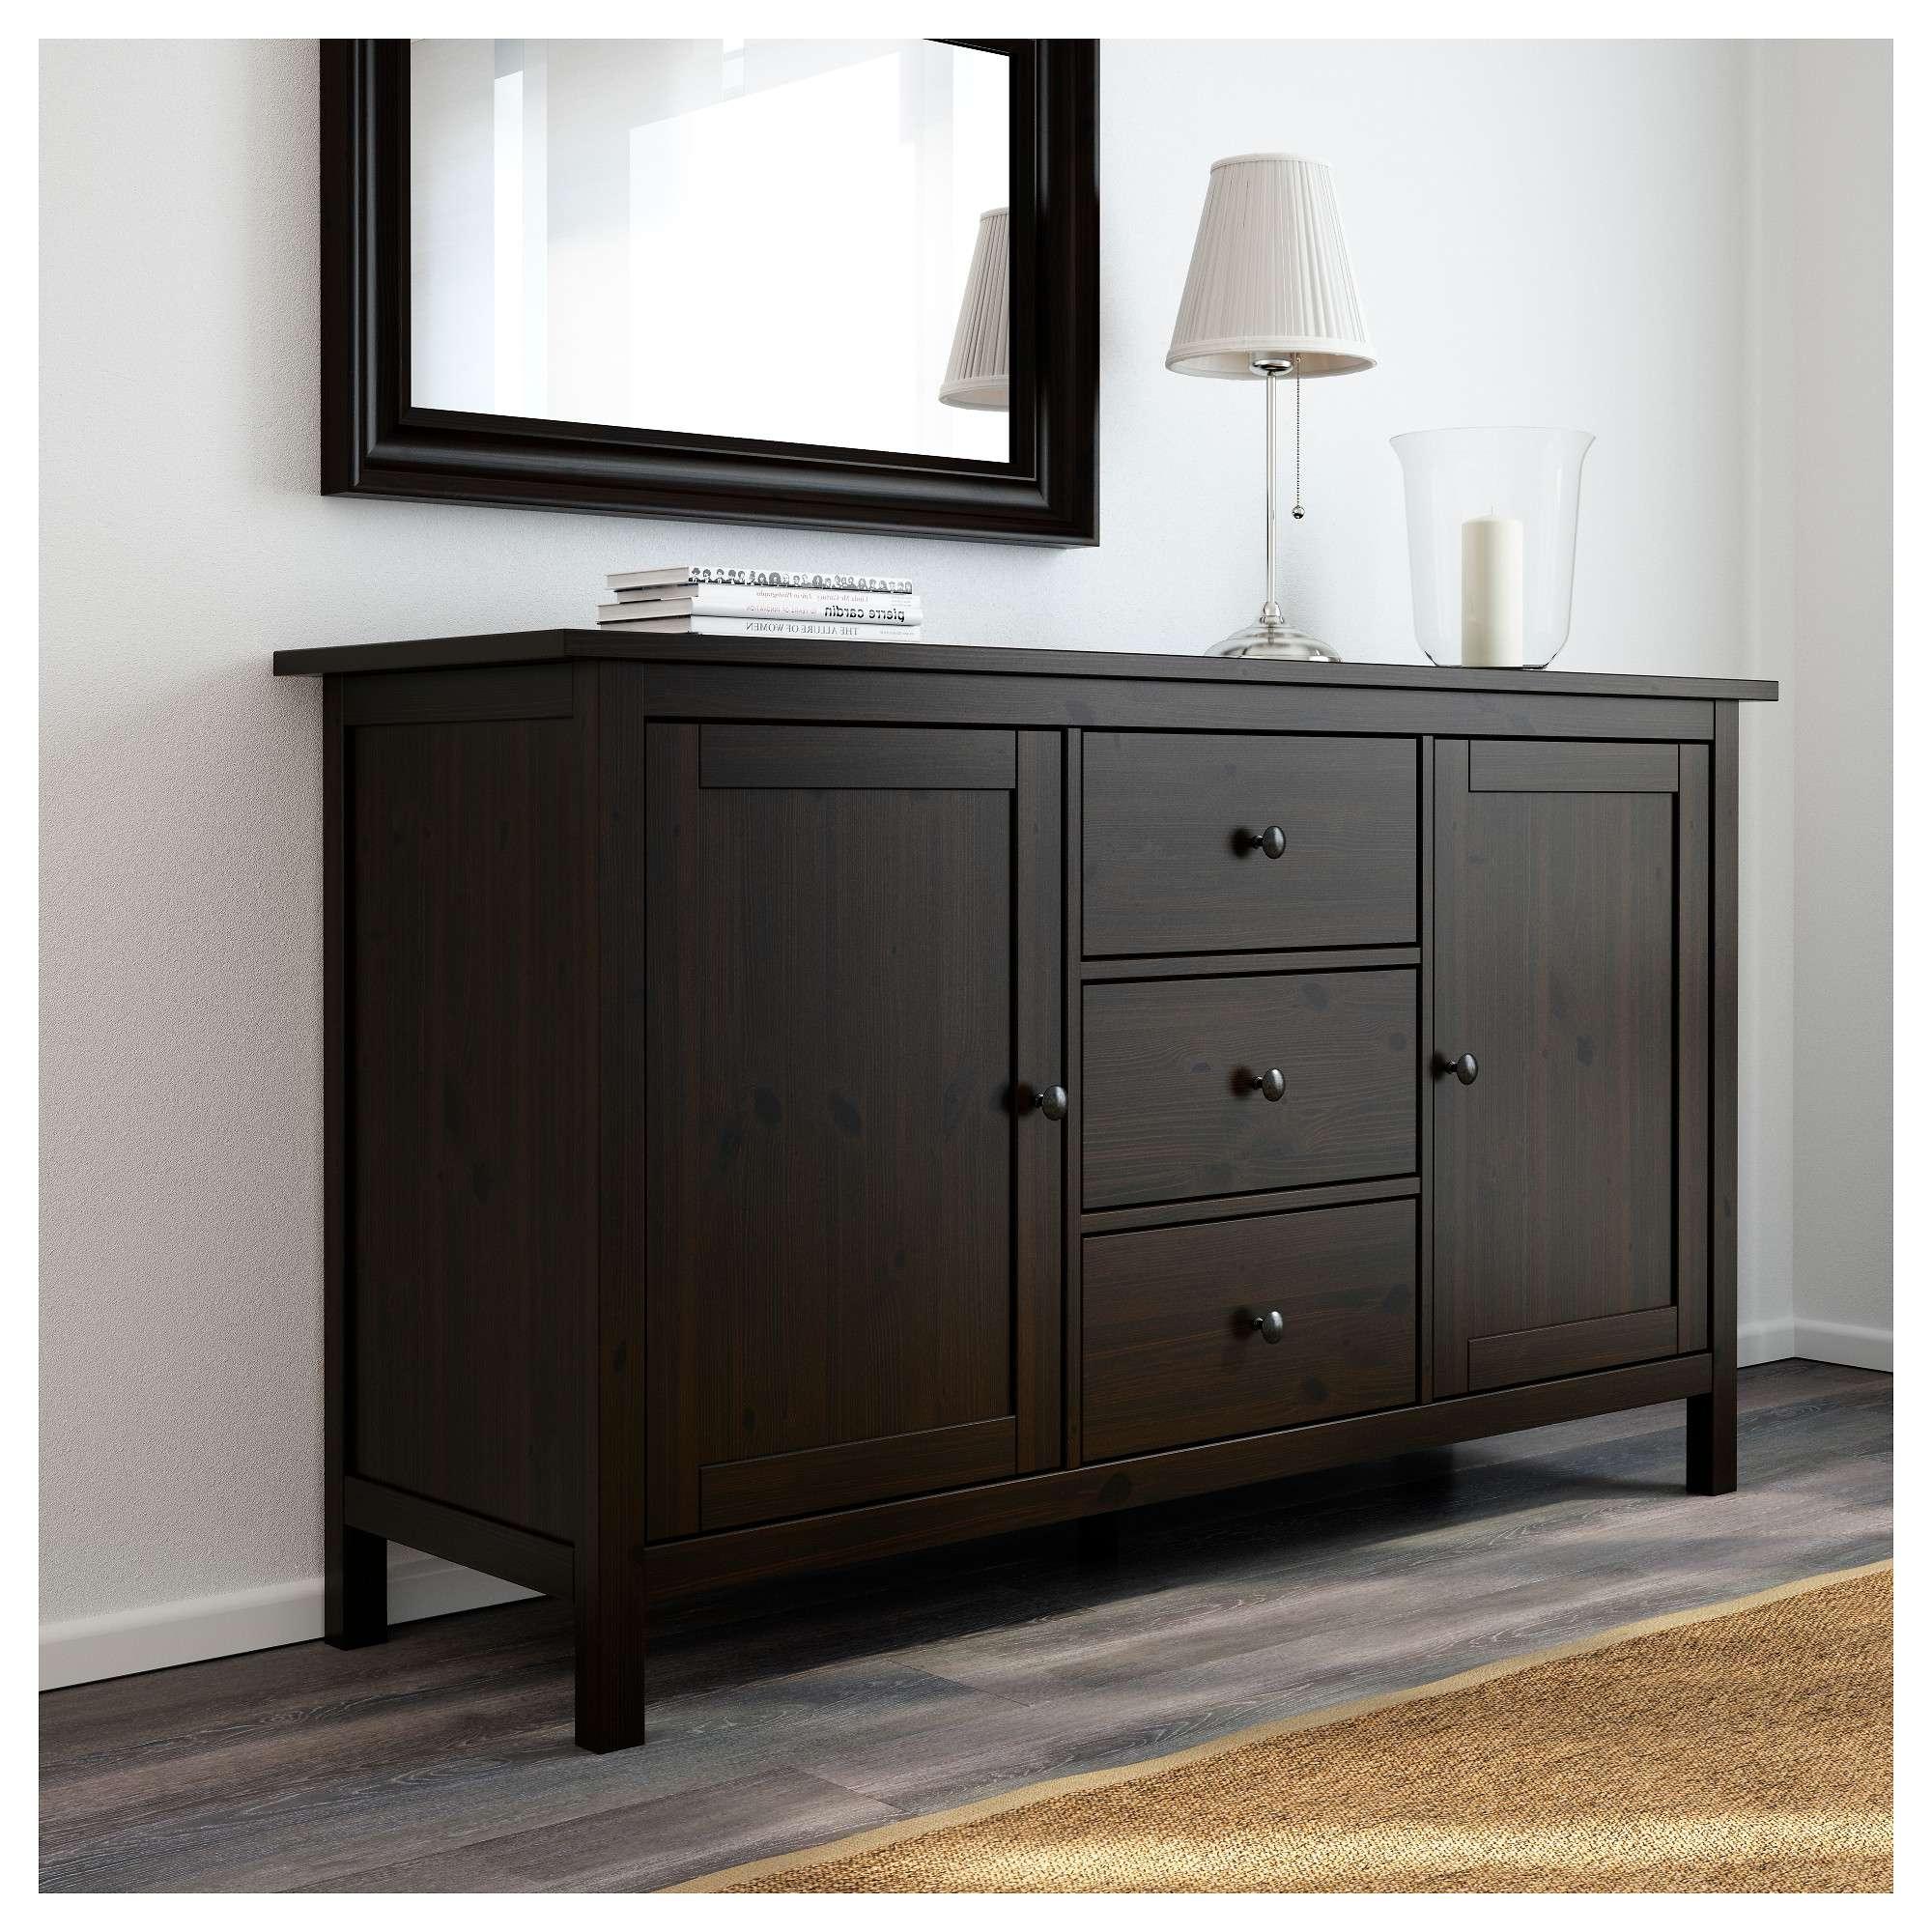 Hemnes Sideboard Black Brown 157x88 Cm – Ikea Pertaining To Dark Wood Sideboards (View 8 of 20)